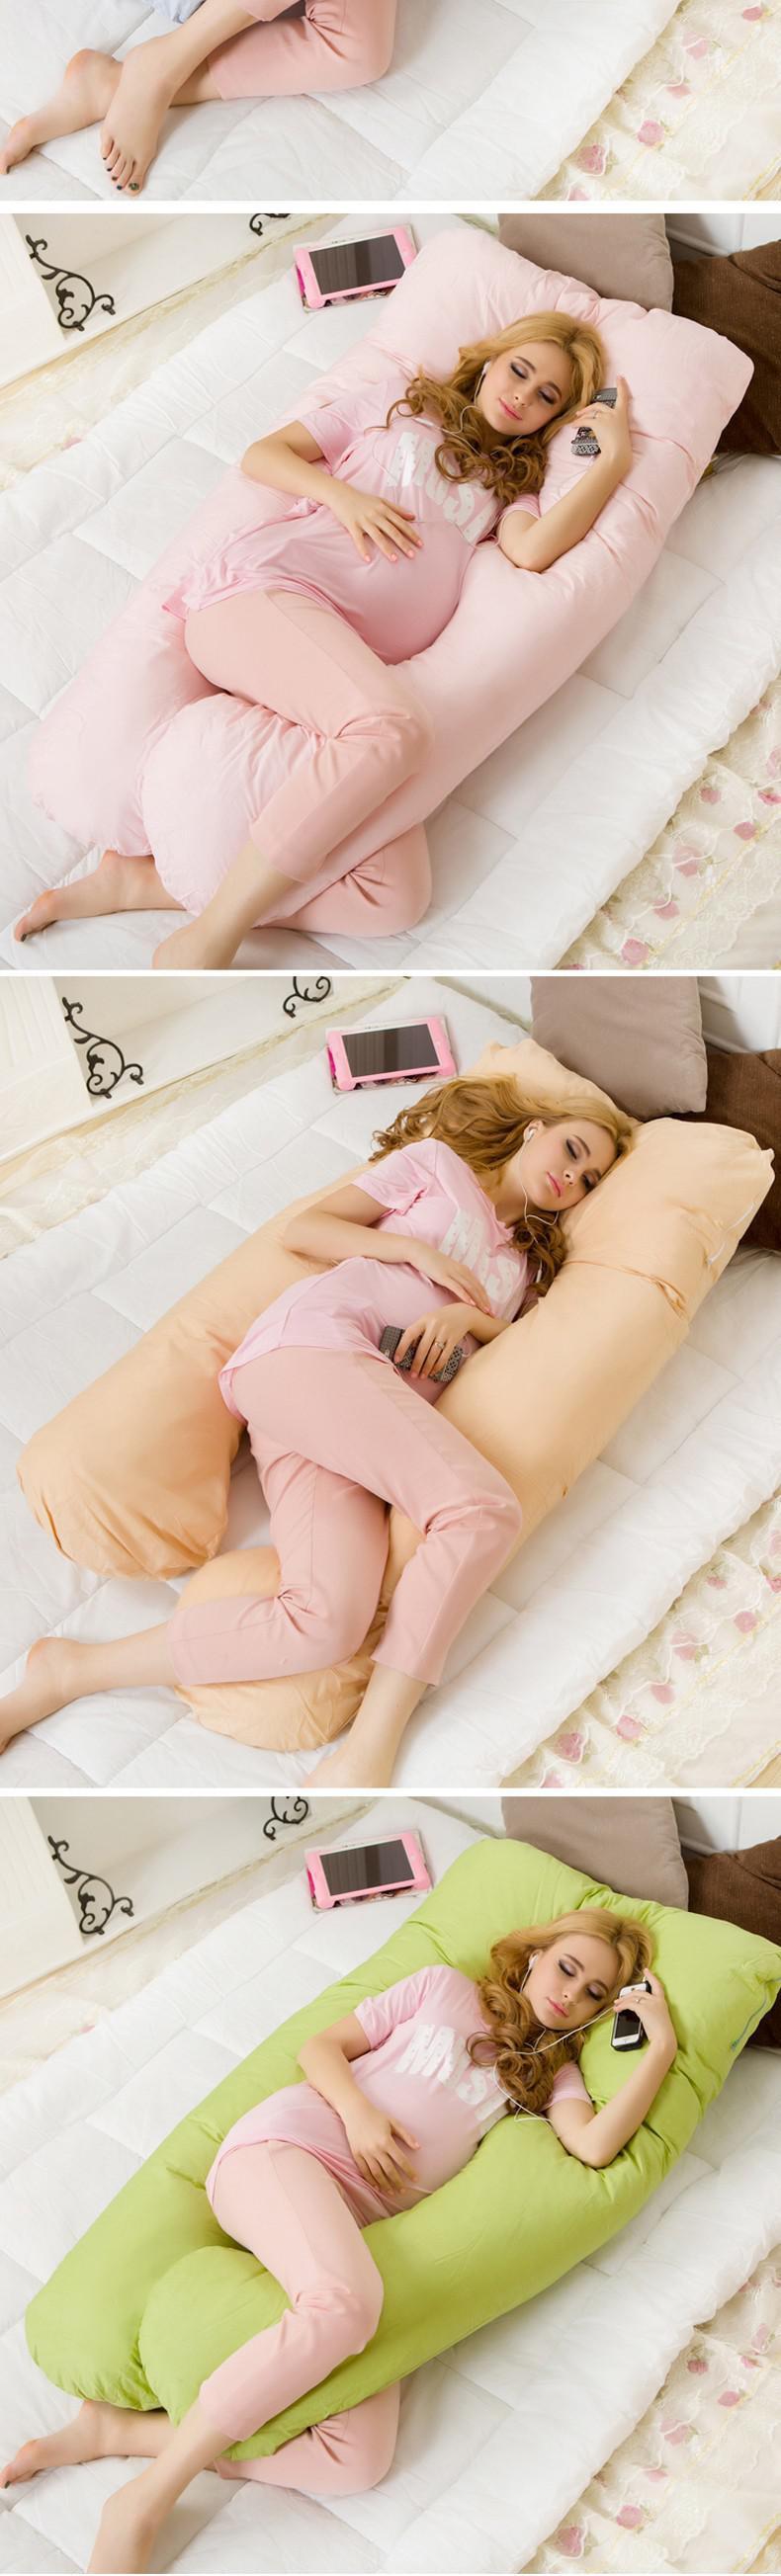 HTB1Ewp4OpXXXXXaapXXq6xXFXXXb - Pregnancy Comfortable U Type Body Pillow For Side Sleep Position